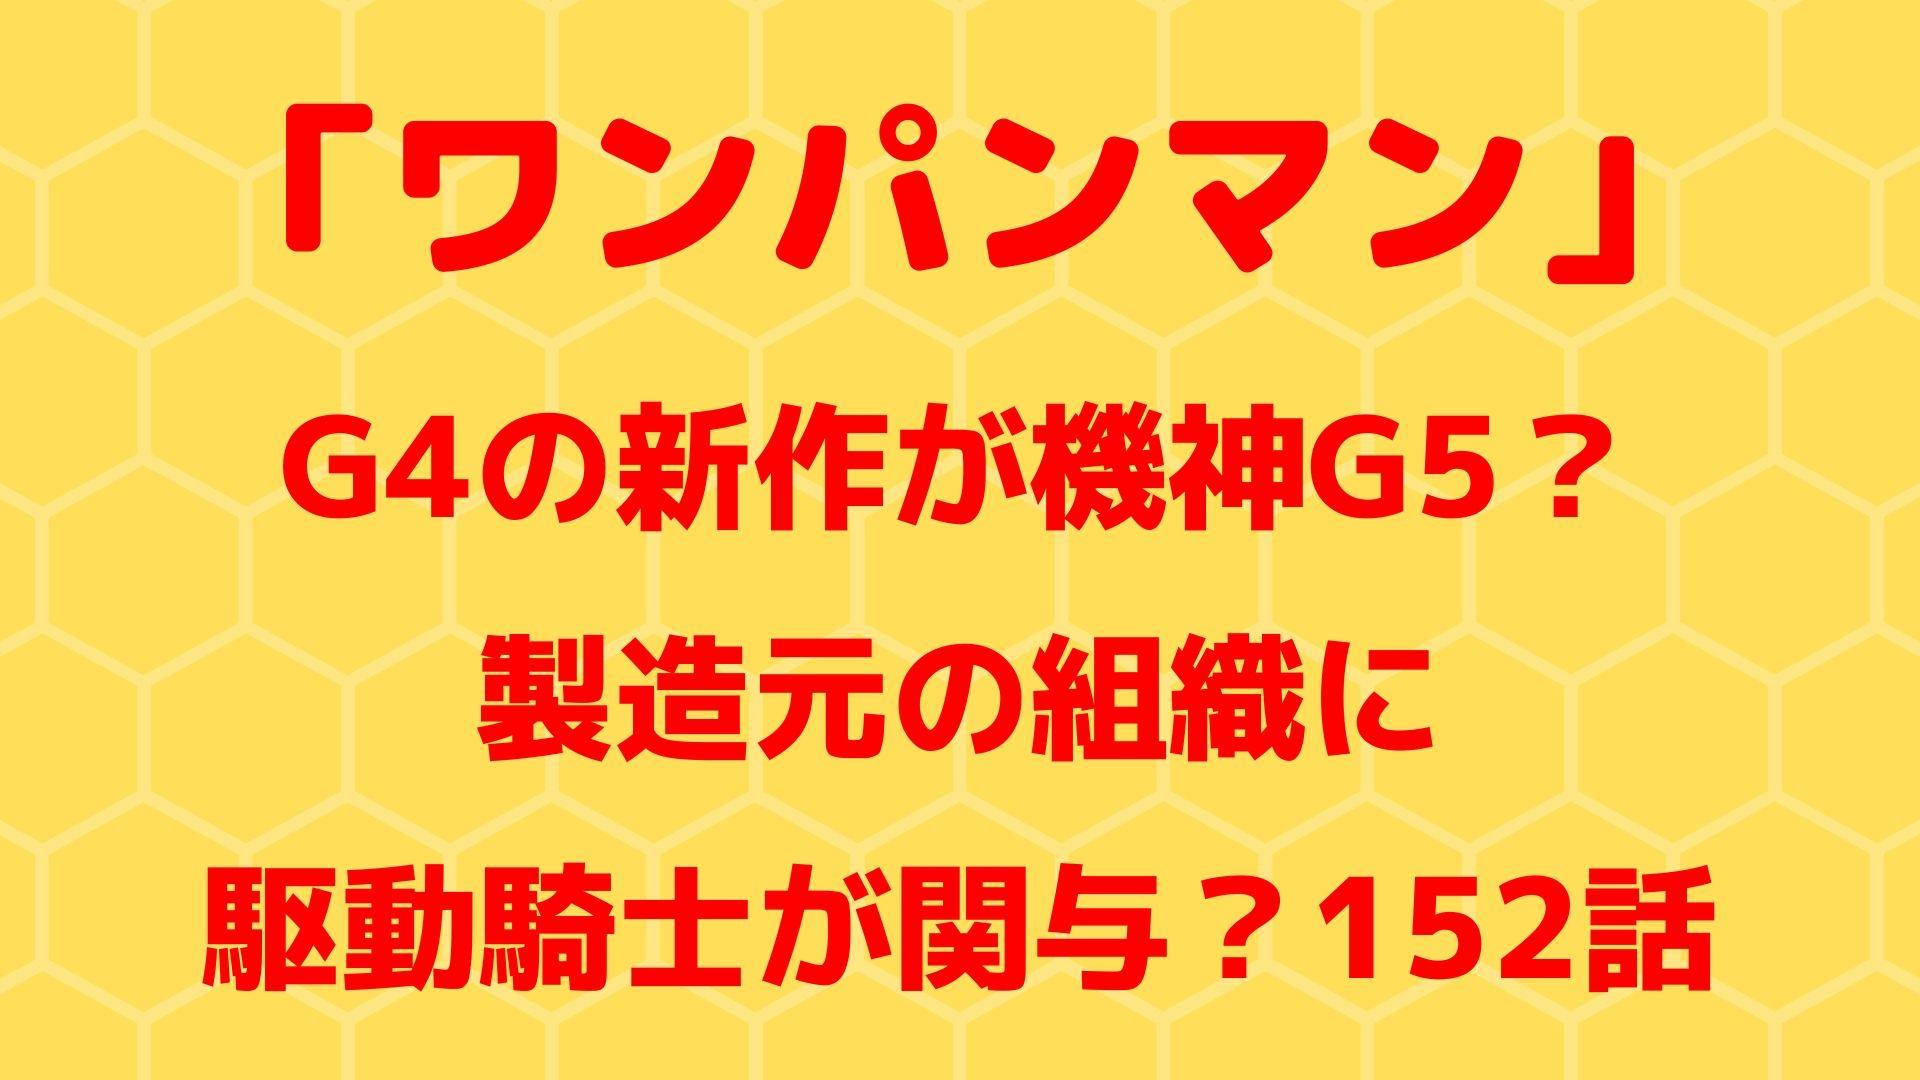 「ワンパンマン」G4の後継機が機神G5?製造に駆動騎士が関与?152話